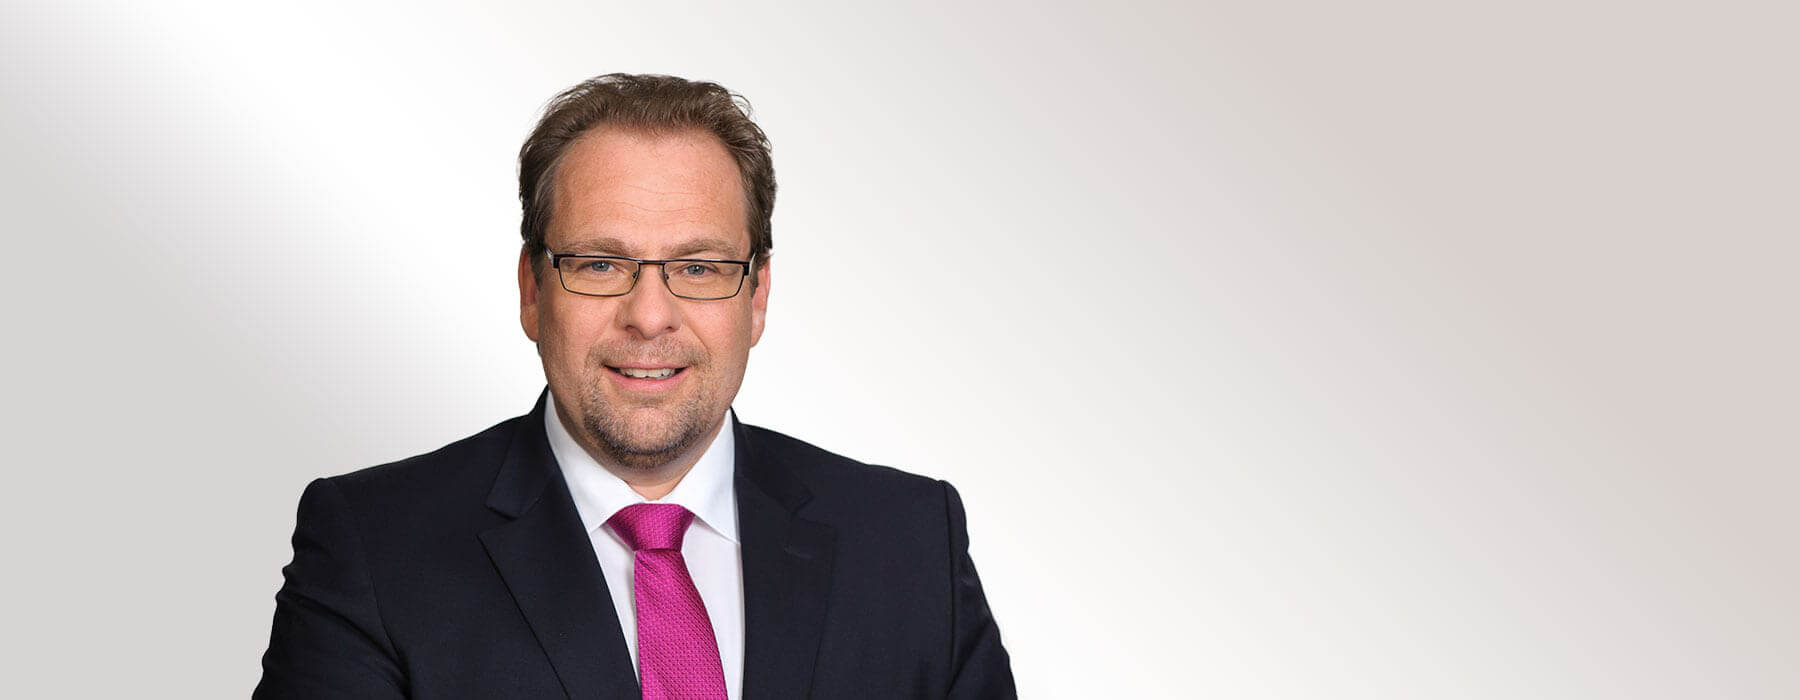 Inhaber von Elektro Reiter - Kommerzialrat Wolfgang Reiter